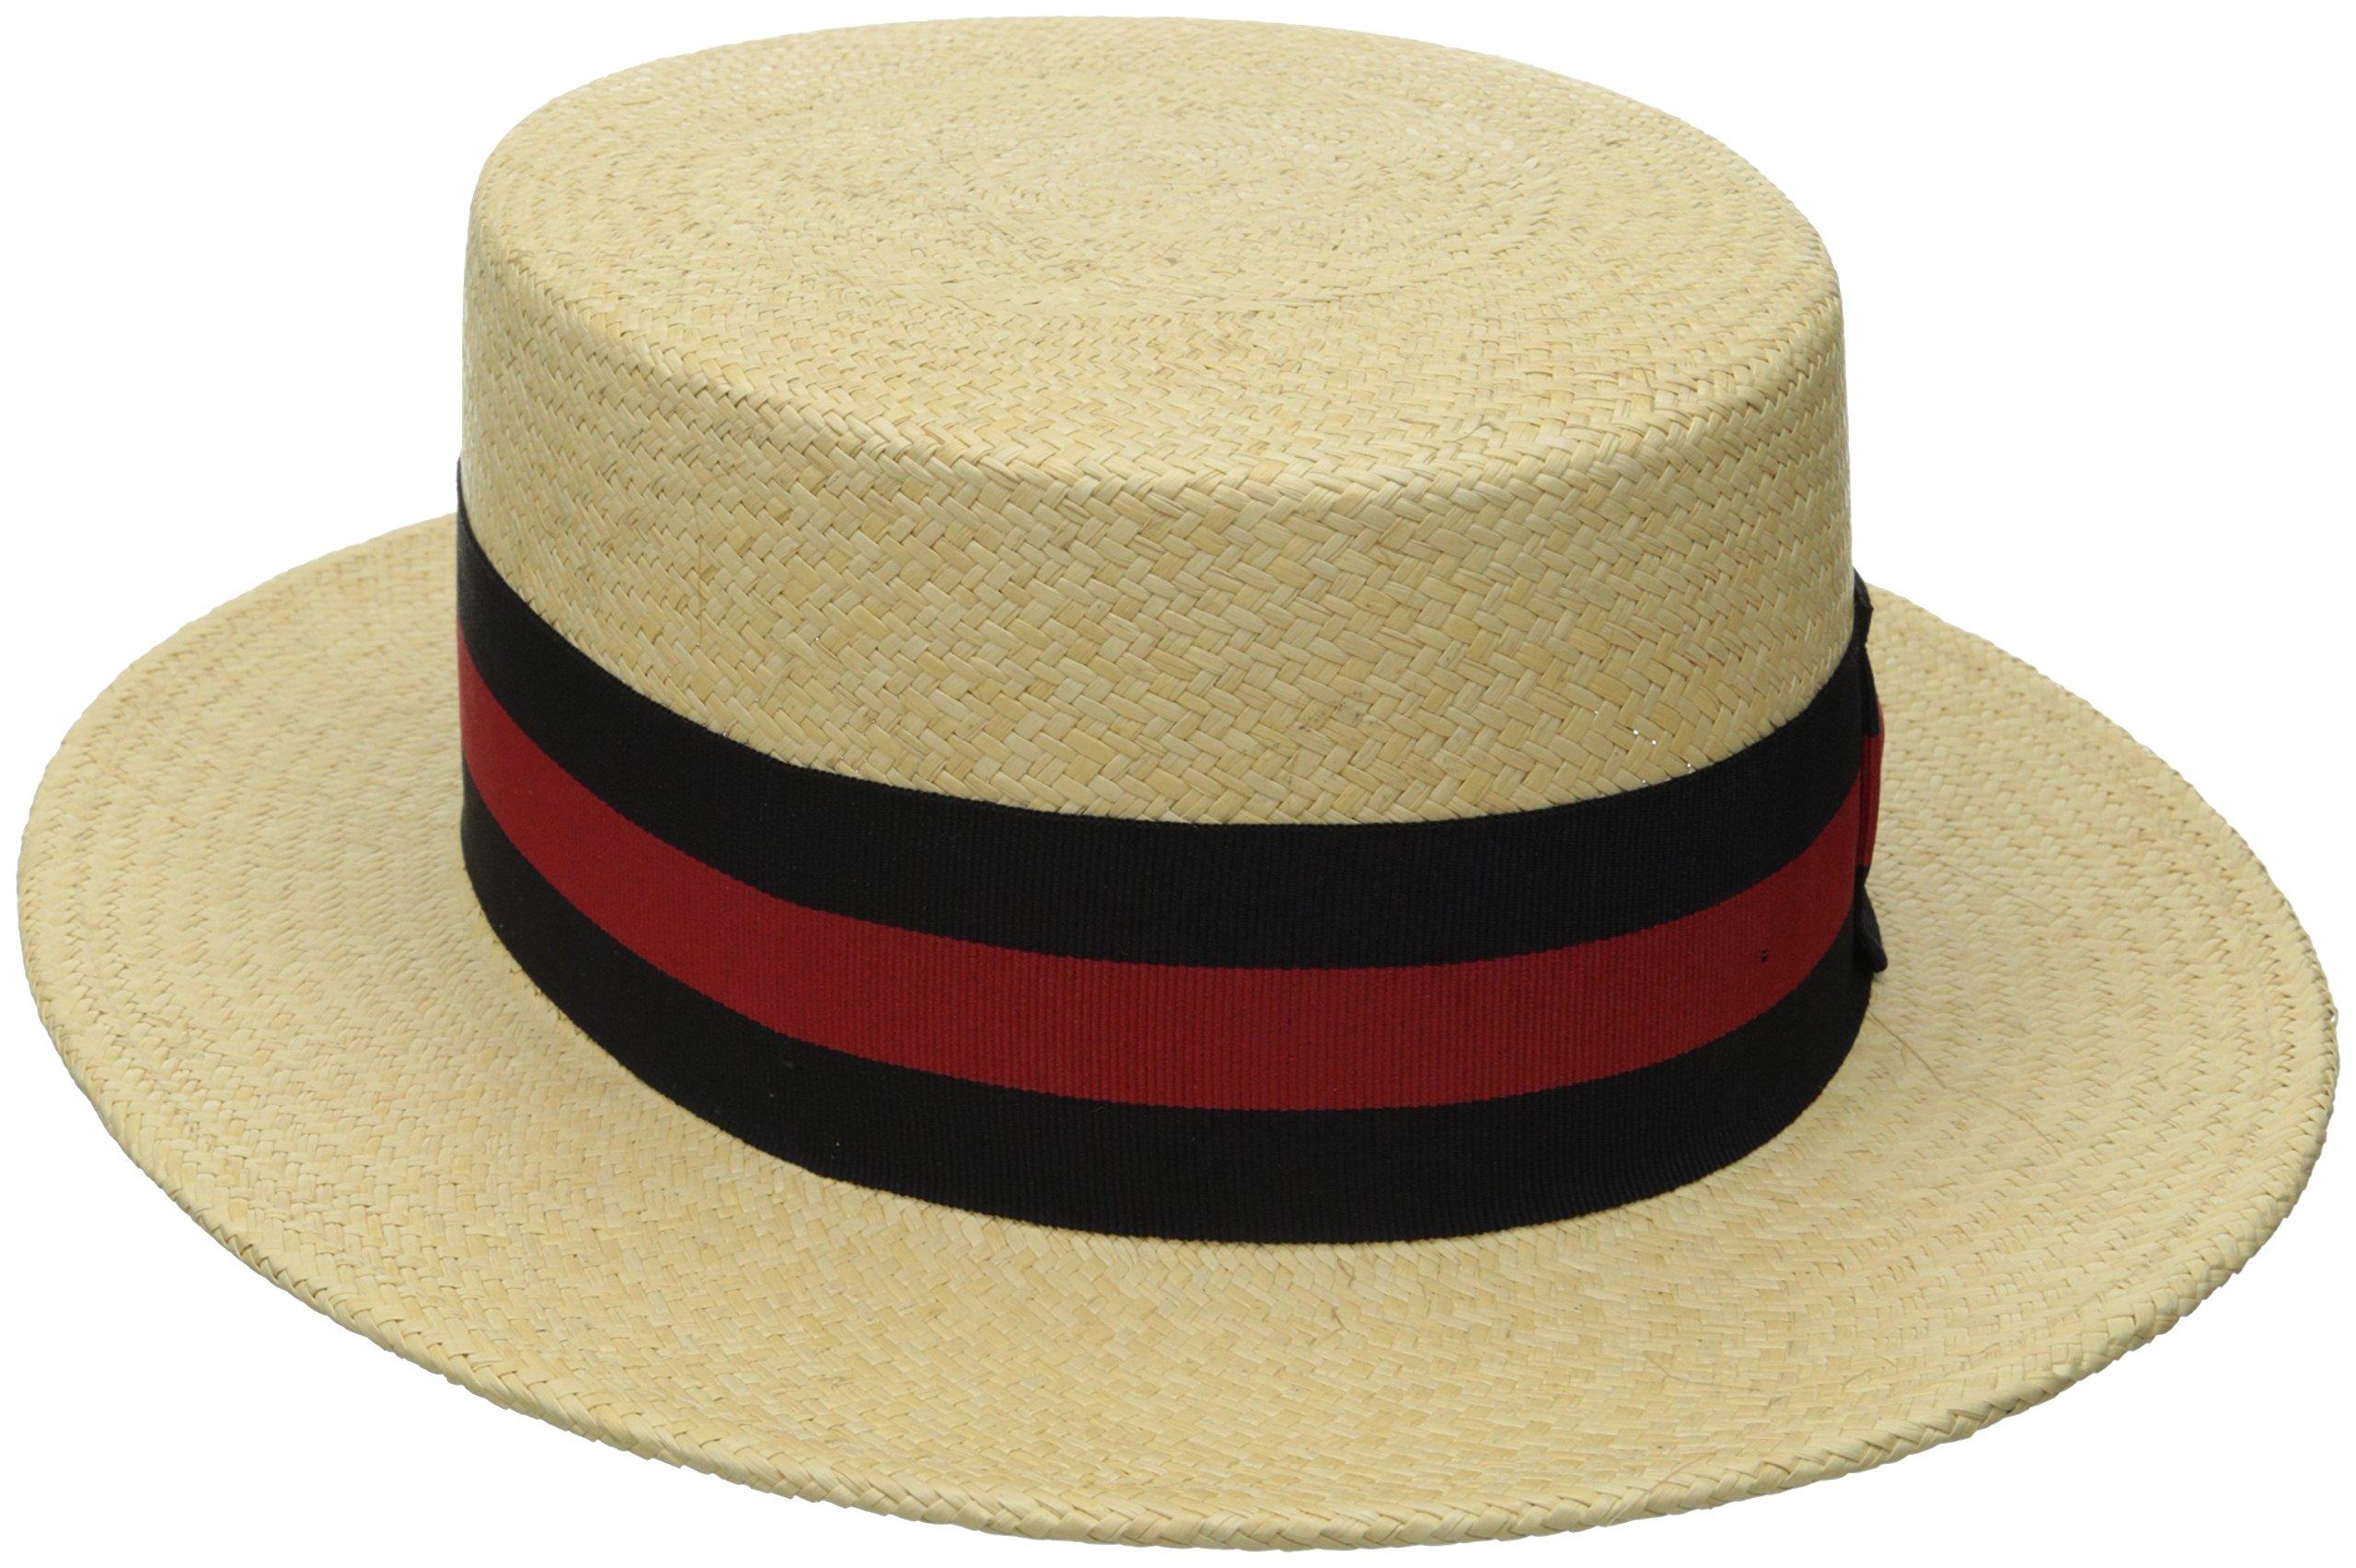 Scala Men's Panama Skimmer Hat, Natural, X-Large